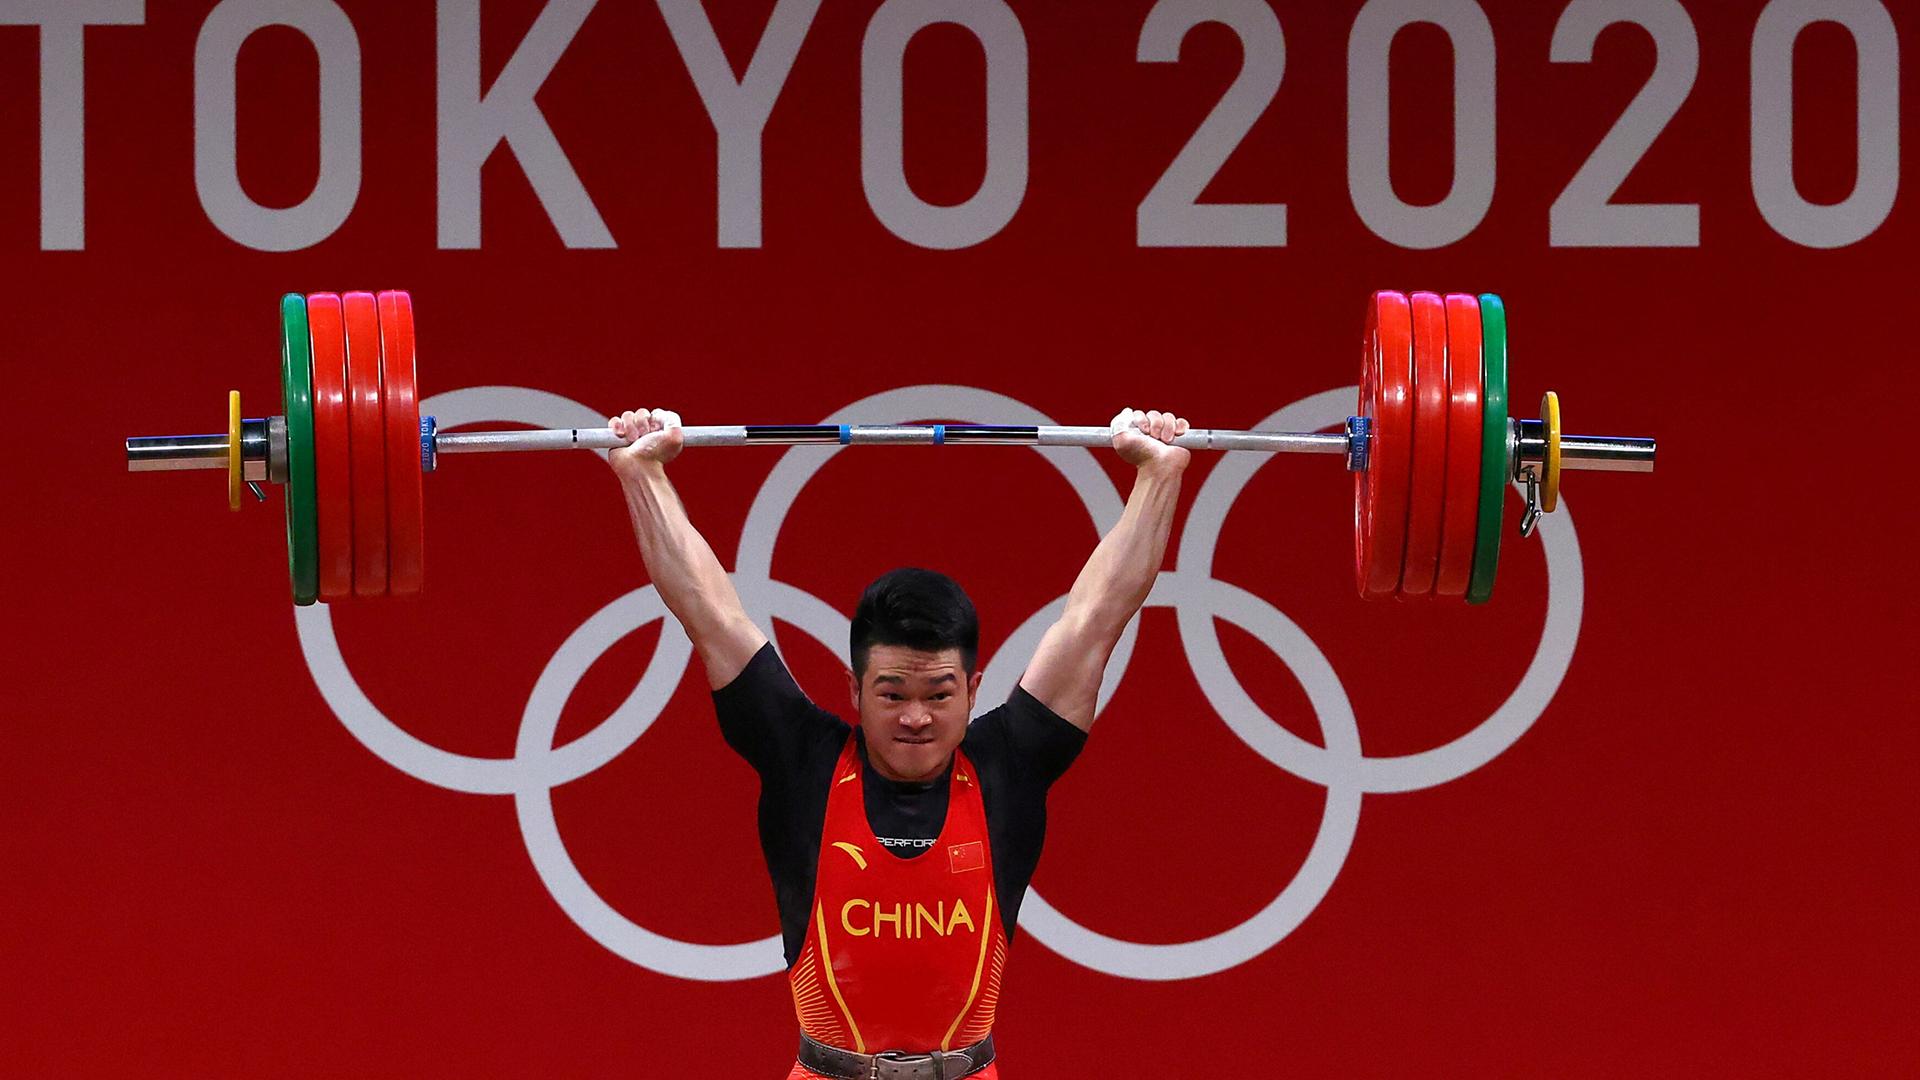 Tokyo Olympics: China's Shi Zhiyong gets world record, wins Gold